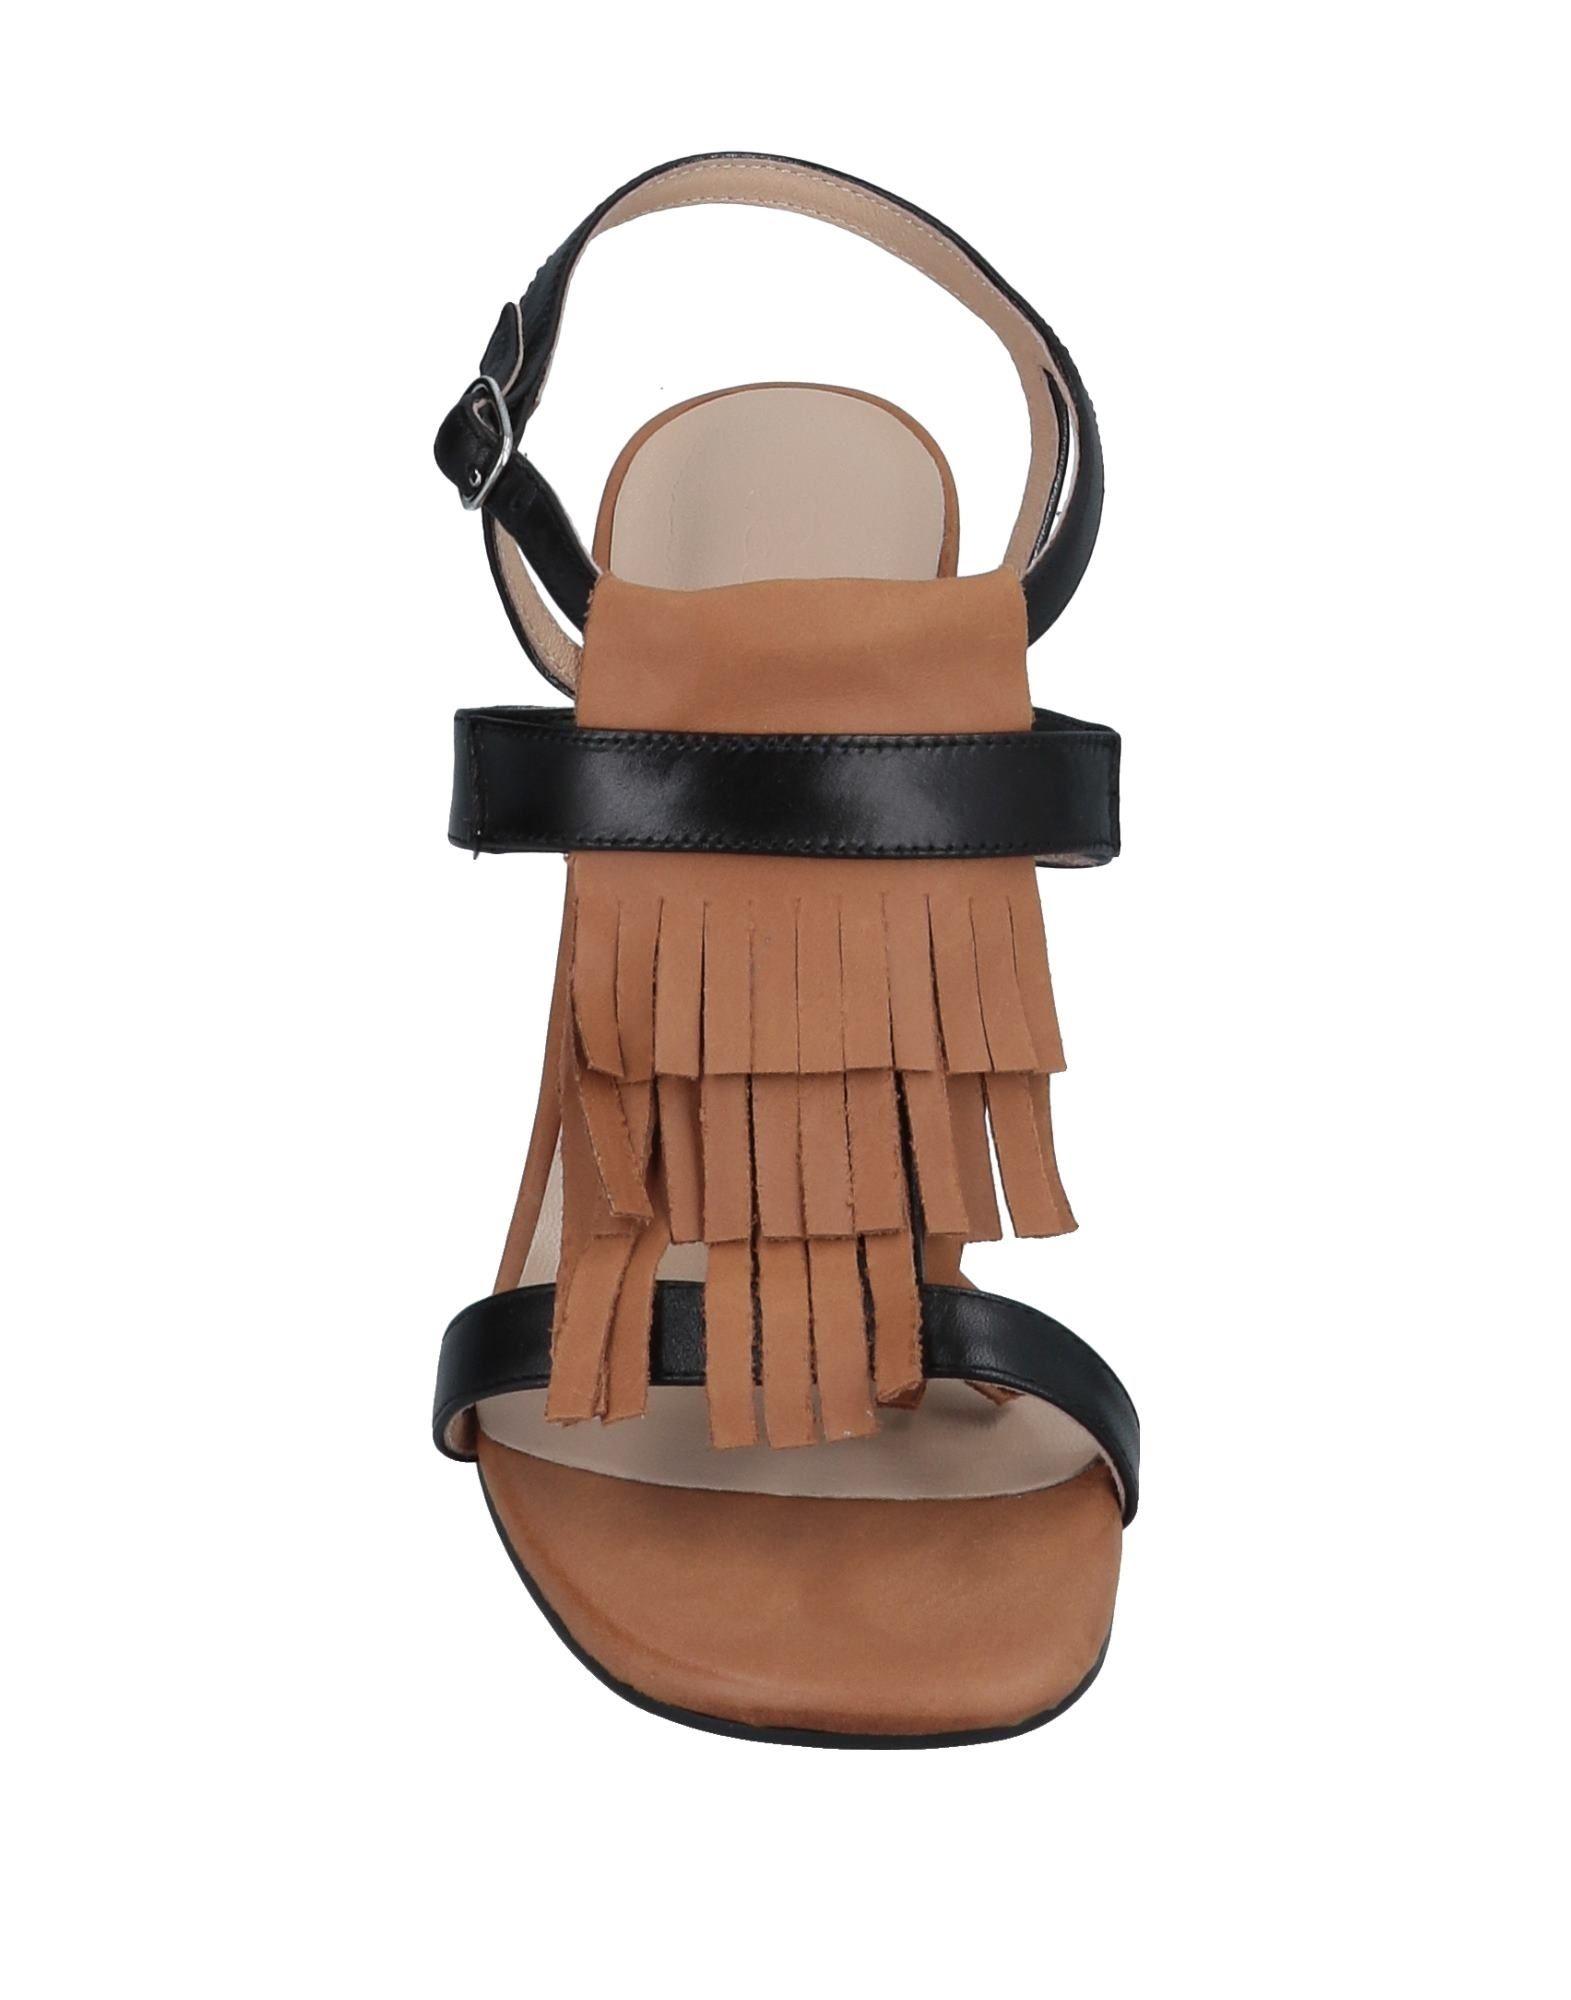 Pepen Sandals - Women Women Women Pepen Sandals online on  United Kingdom - 11548109VG 293d37